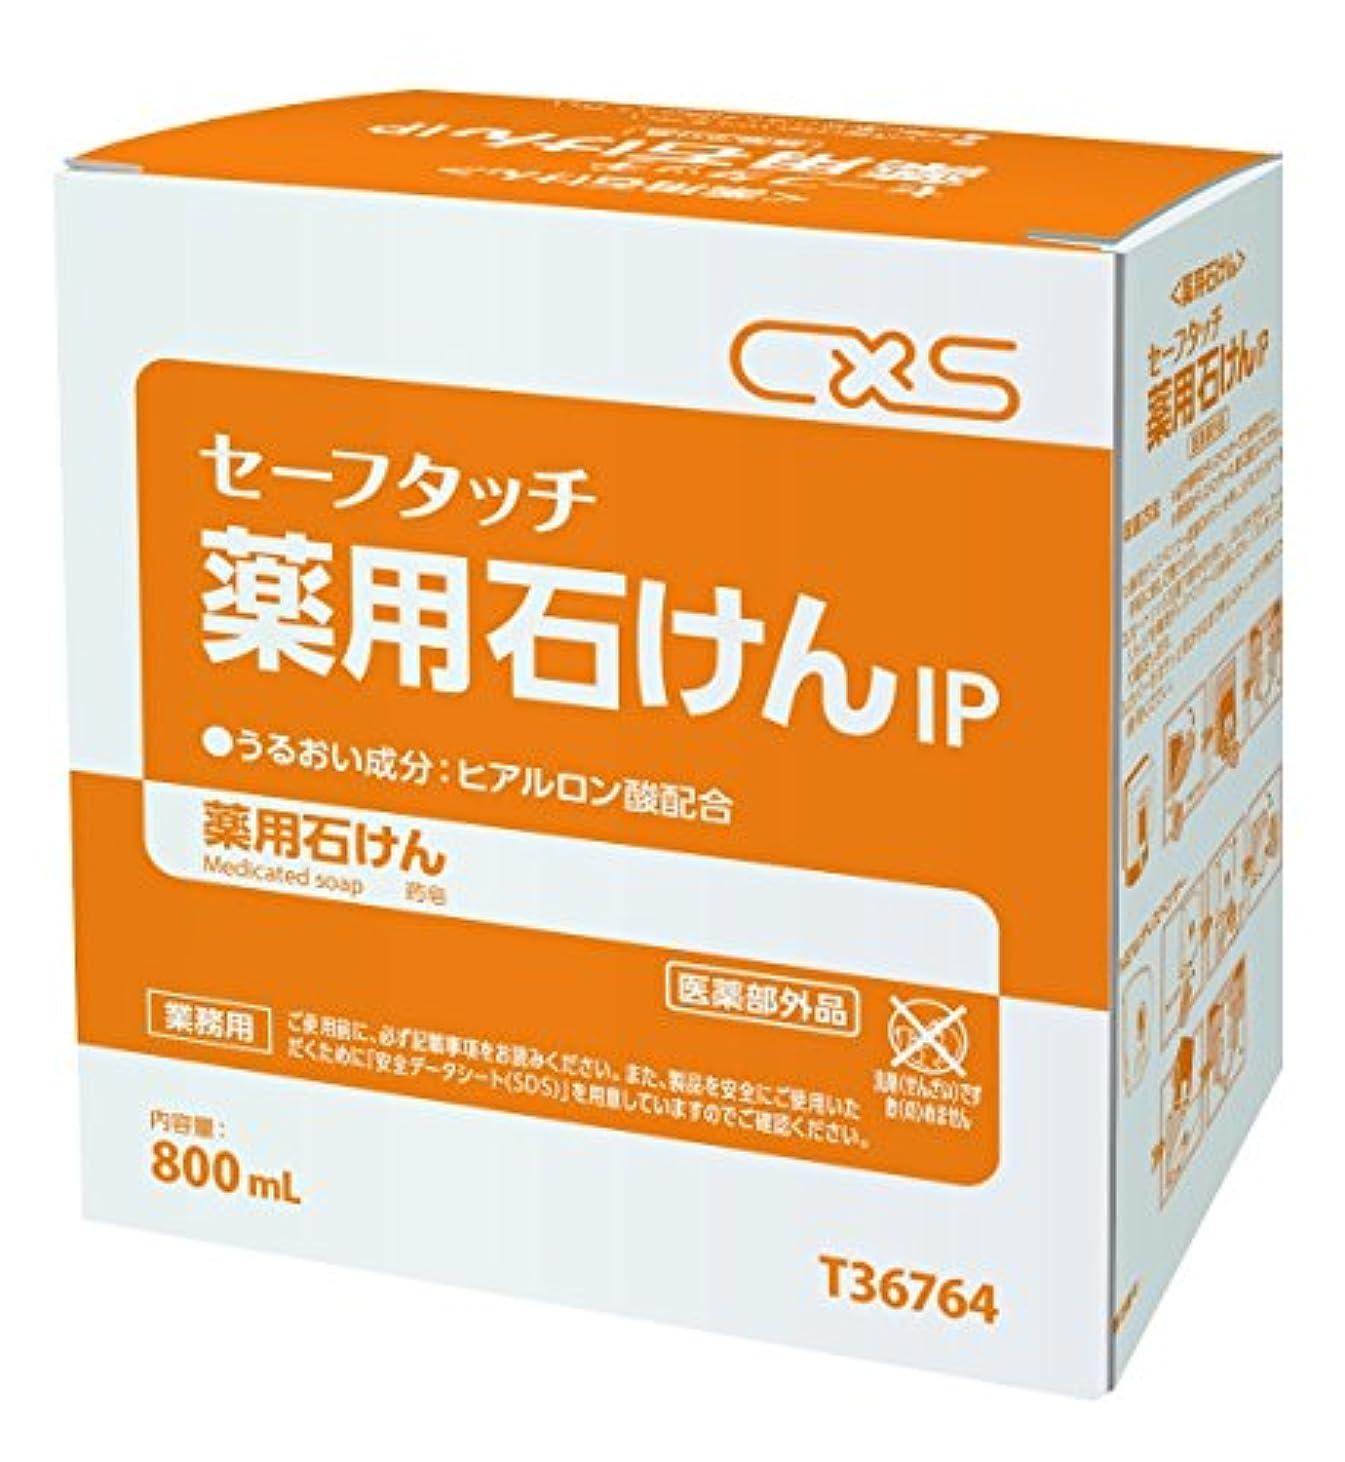 促すねじれつまらないセーフタッチ 薬用石けんIP 6箱セット